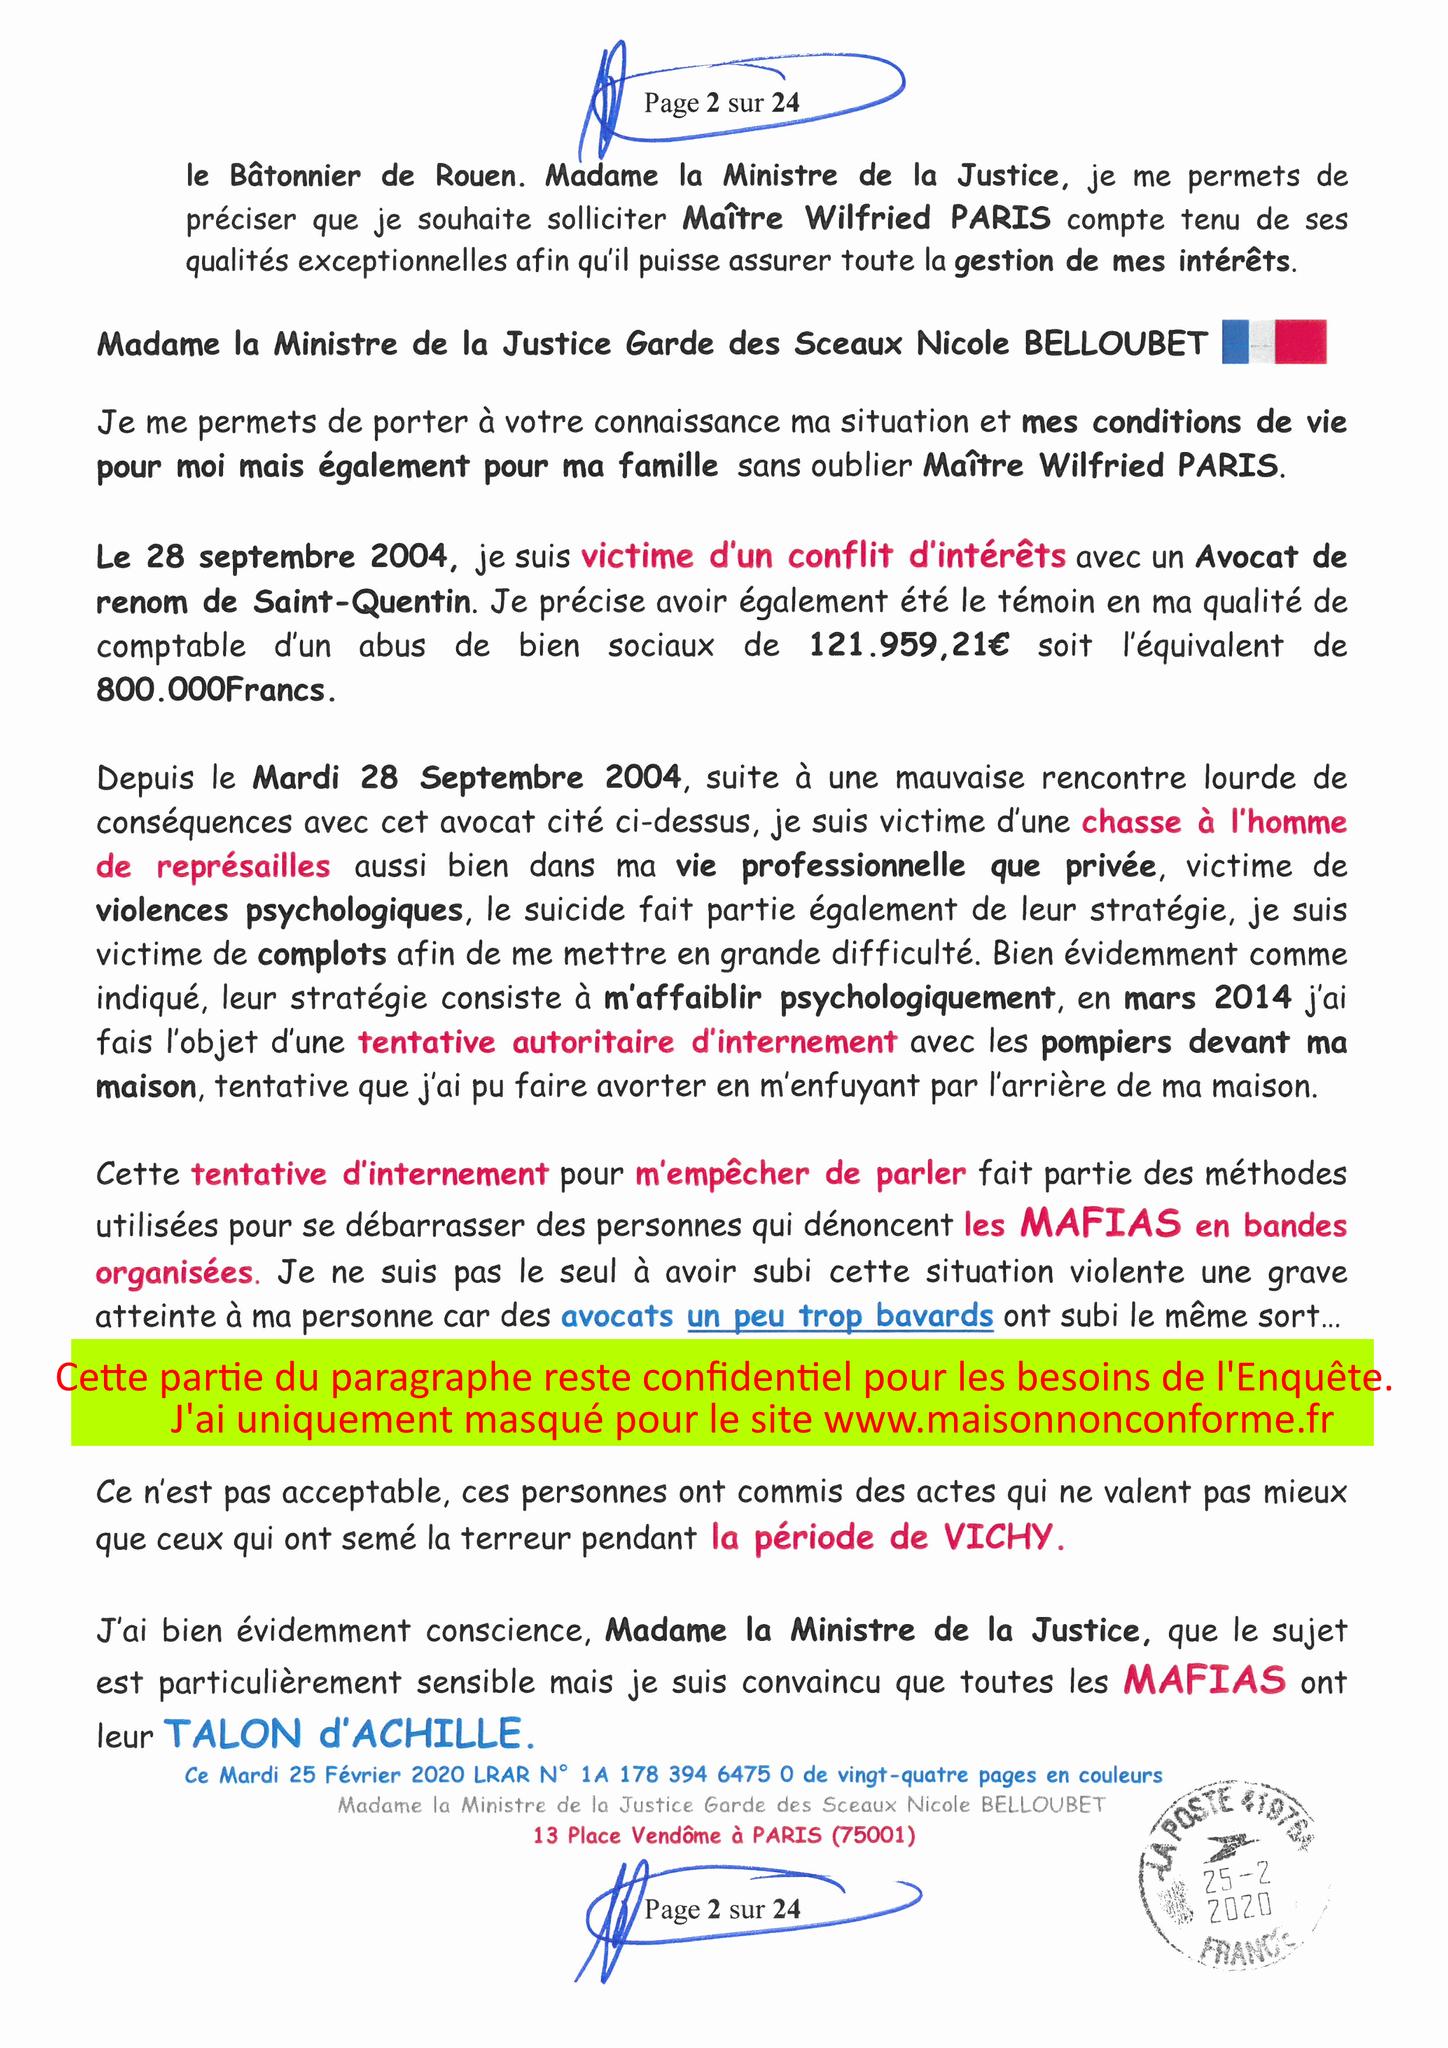 Ma LRAR à Madame Nicole BELLOUBET la Ministre de la Justice N0 1A 178 394 6475 0 Page 2 sur 24 en couleur  www.jesuispatrick.com www.jesuisvictime.fr www.alerte-rouge-france.fr